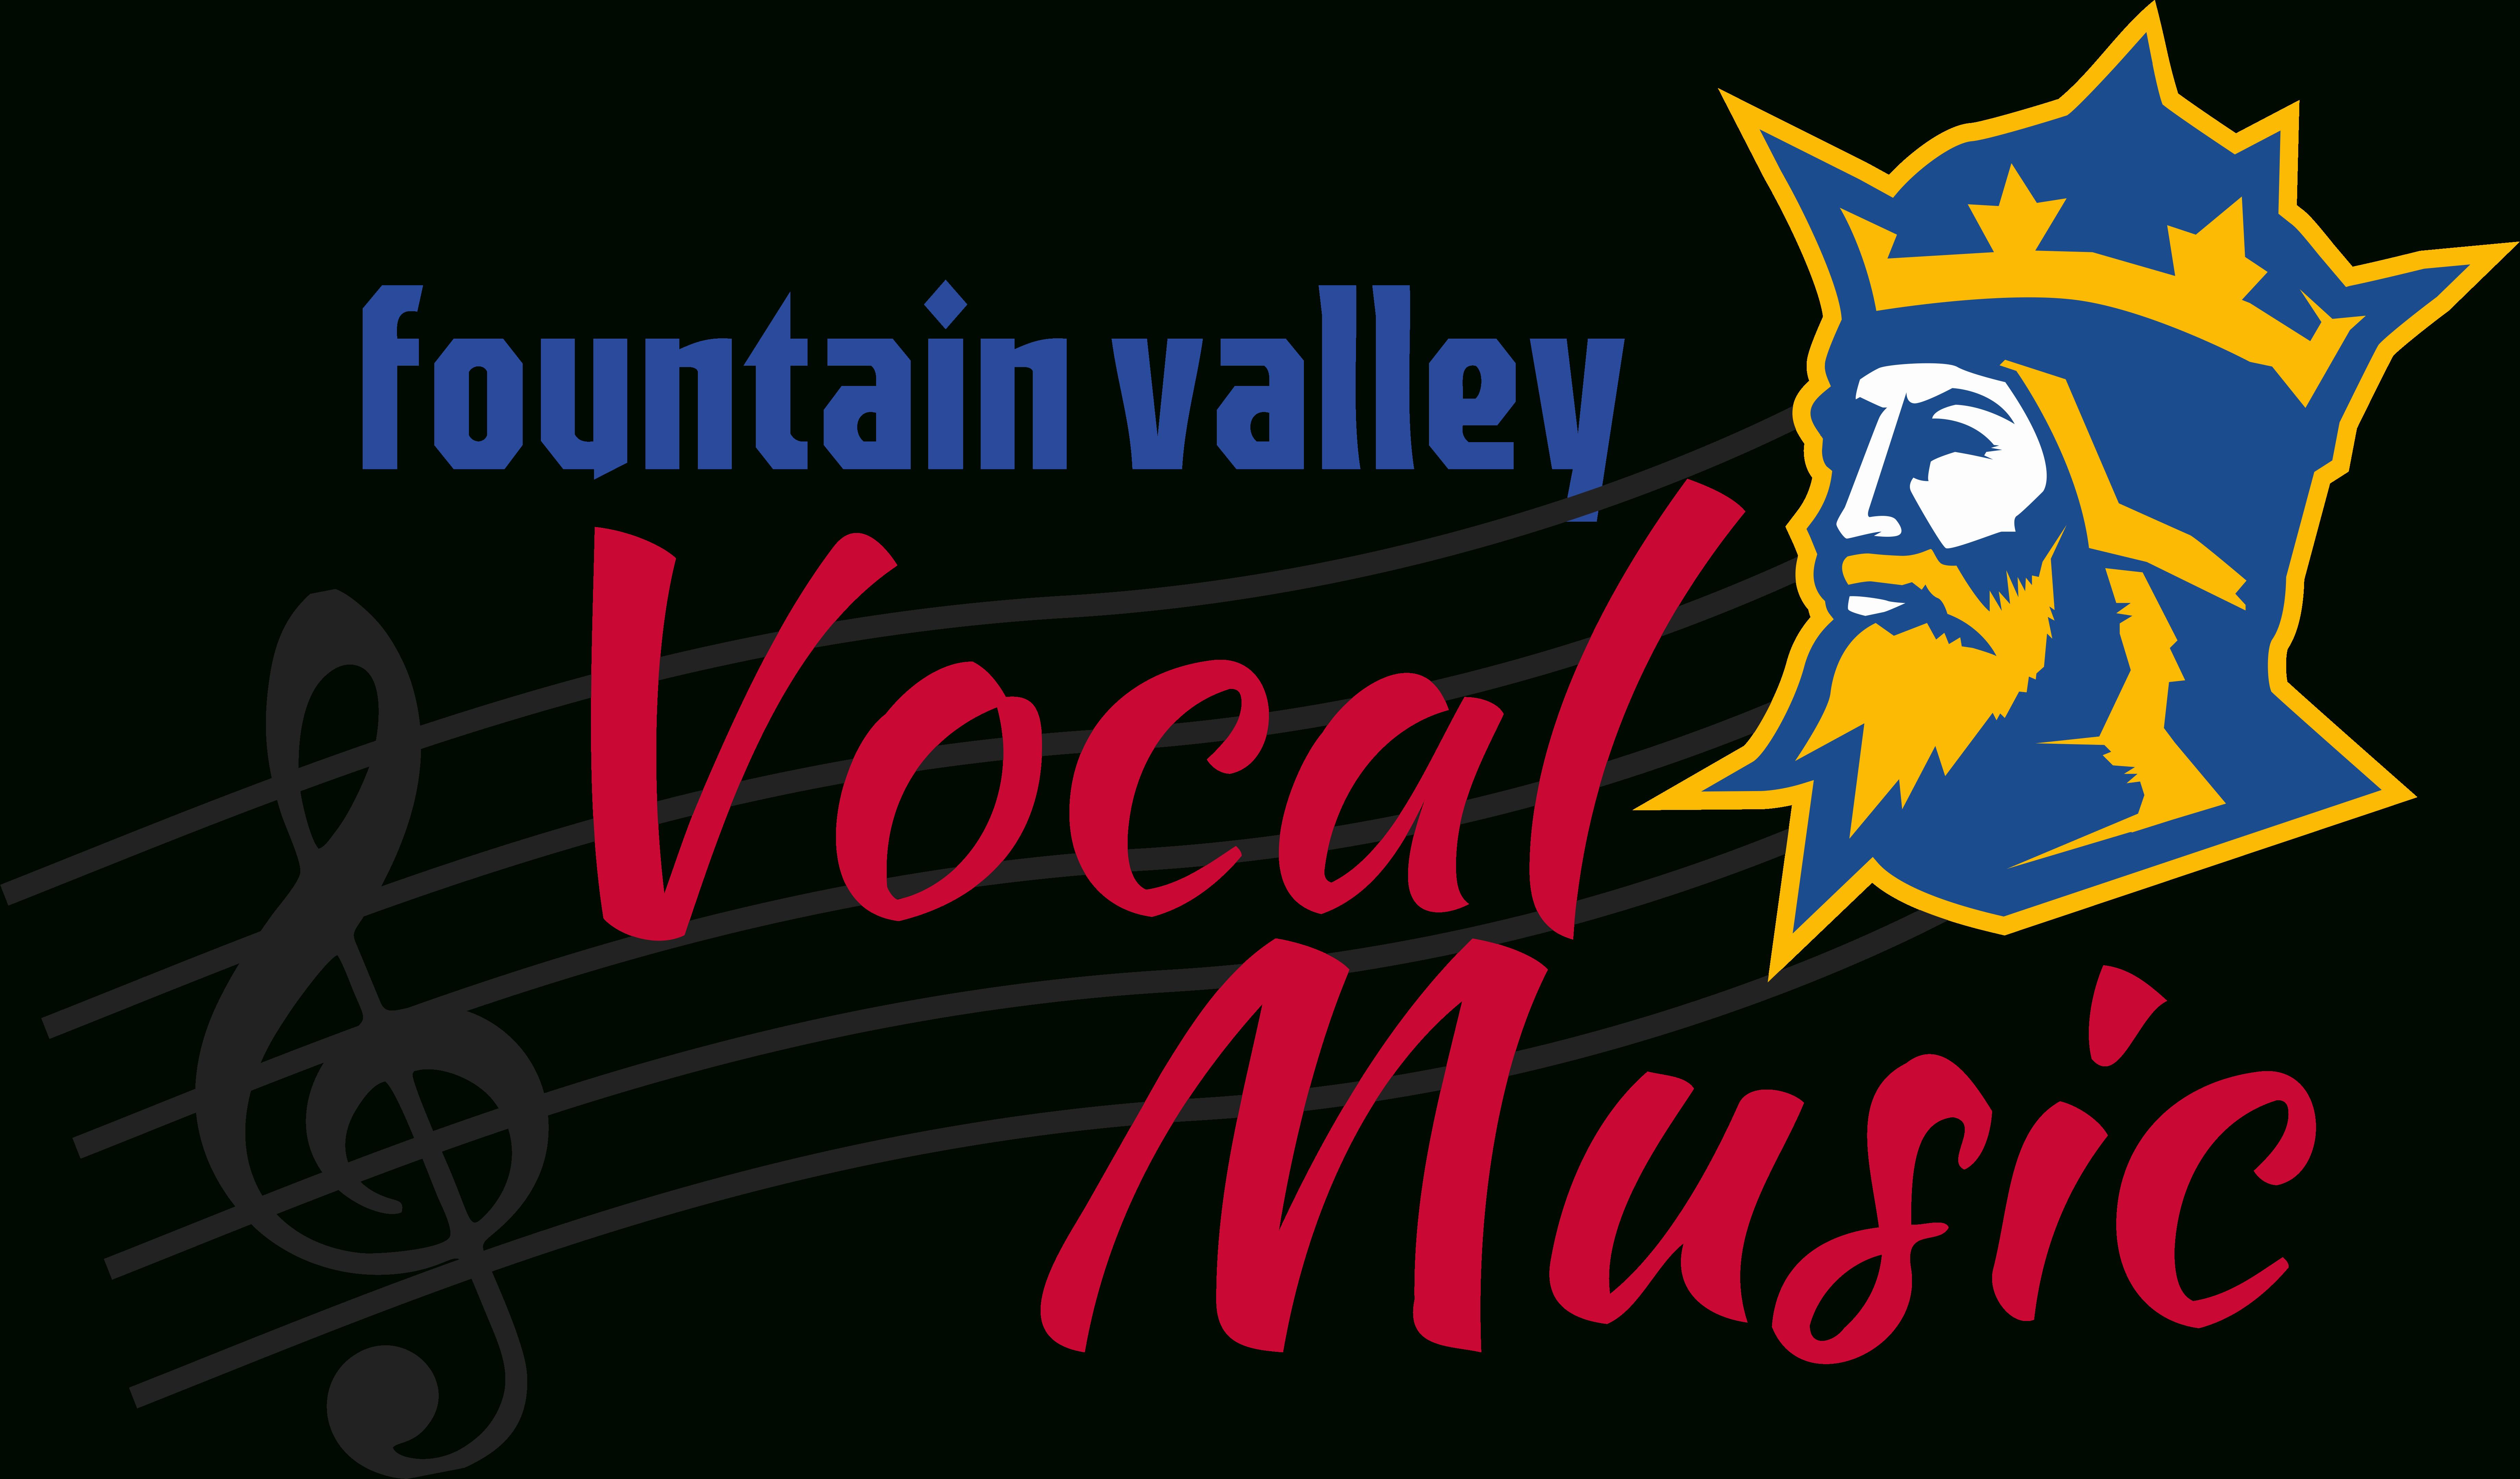 Fvhs Vocal Music - Fountain Valley High School Vocal Music With Regard To Fountain Valley High School Calendar